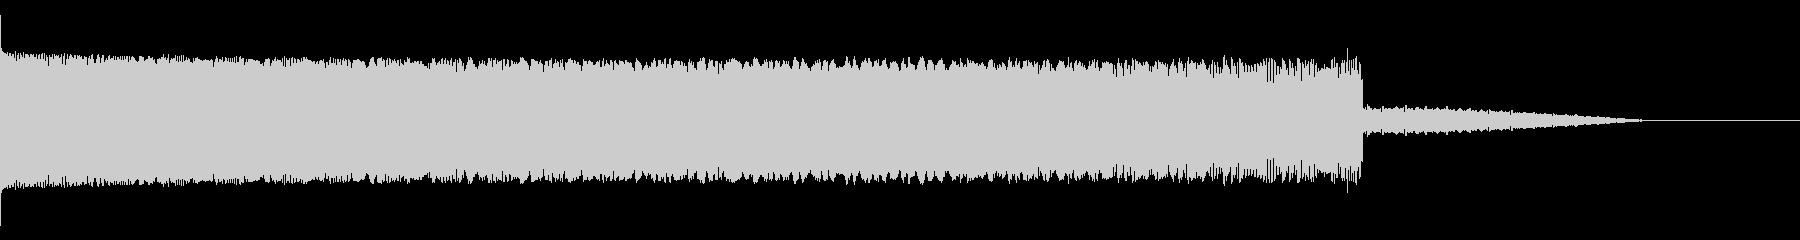 ★ファミコン風 やられた時の効果音の未再生の波形